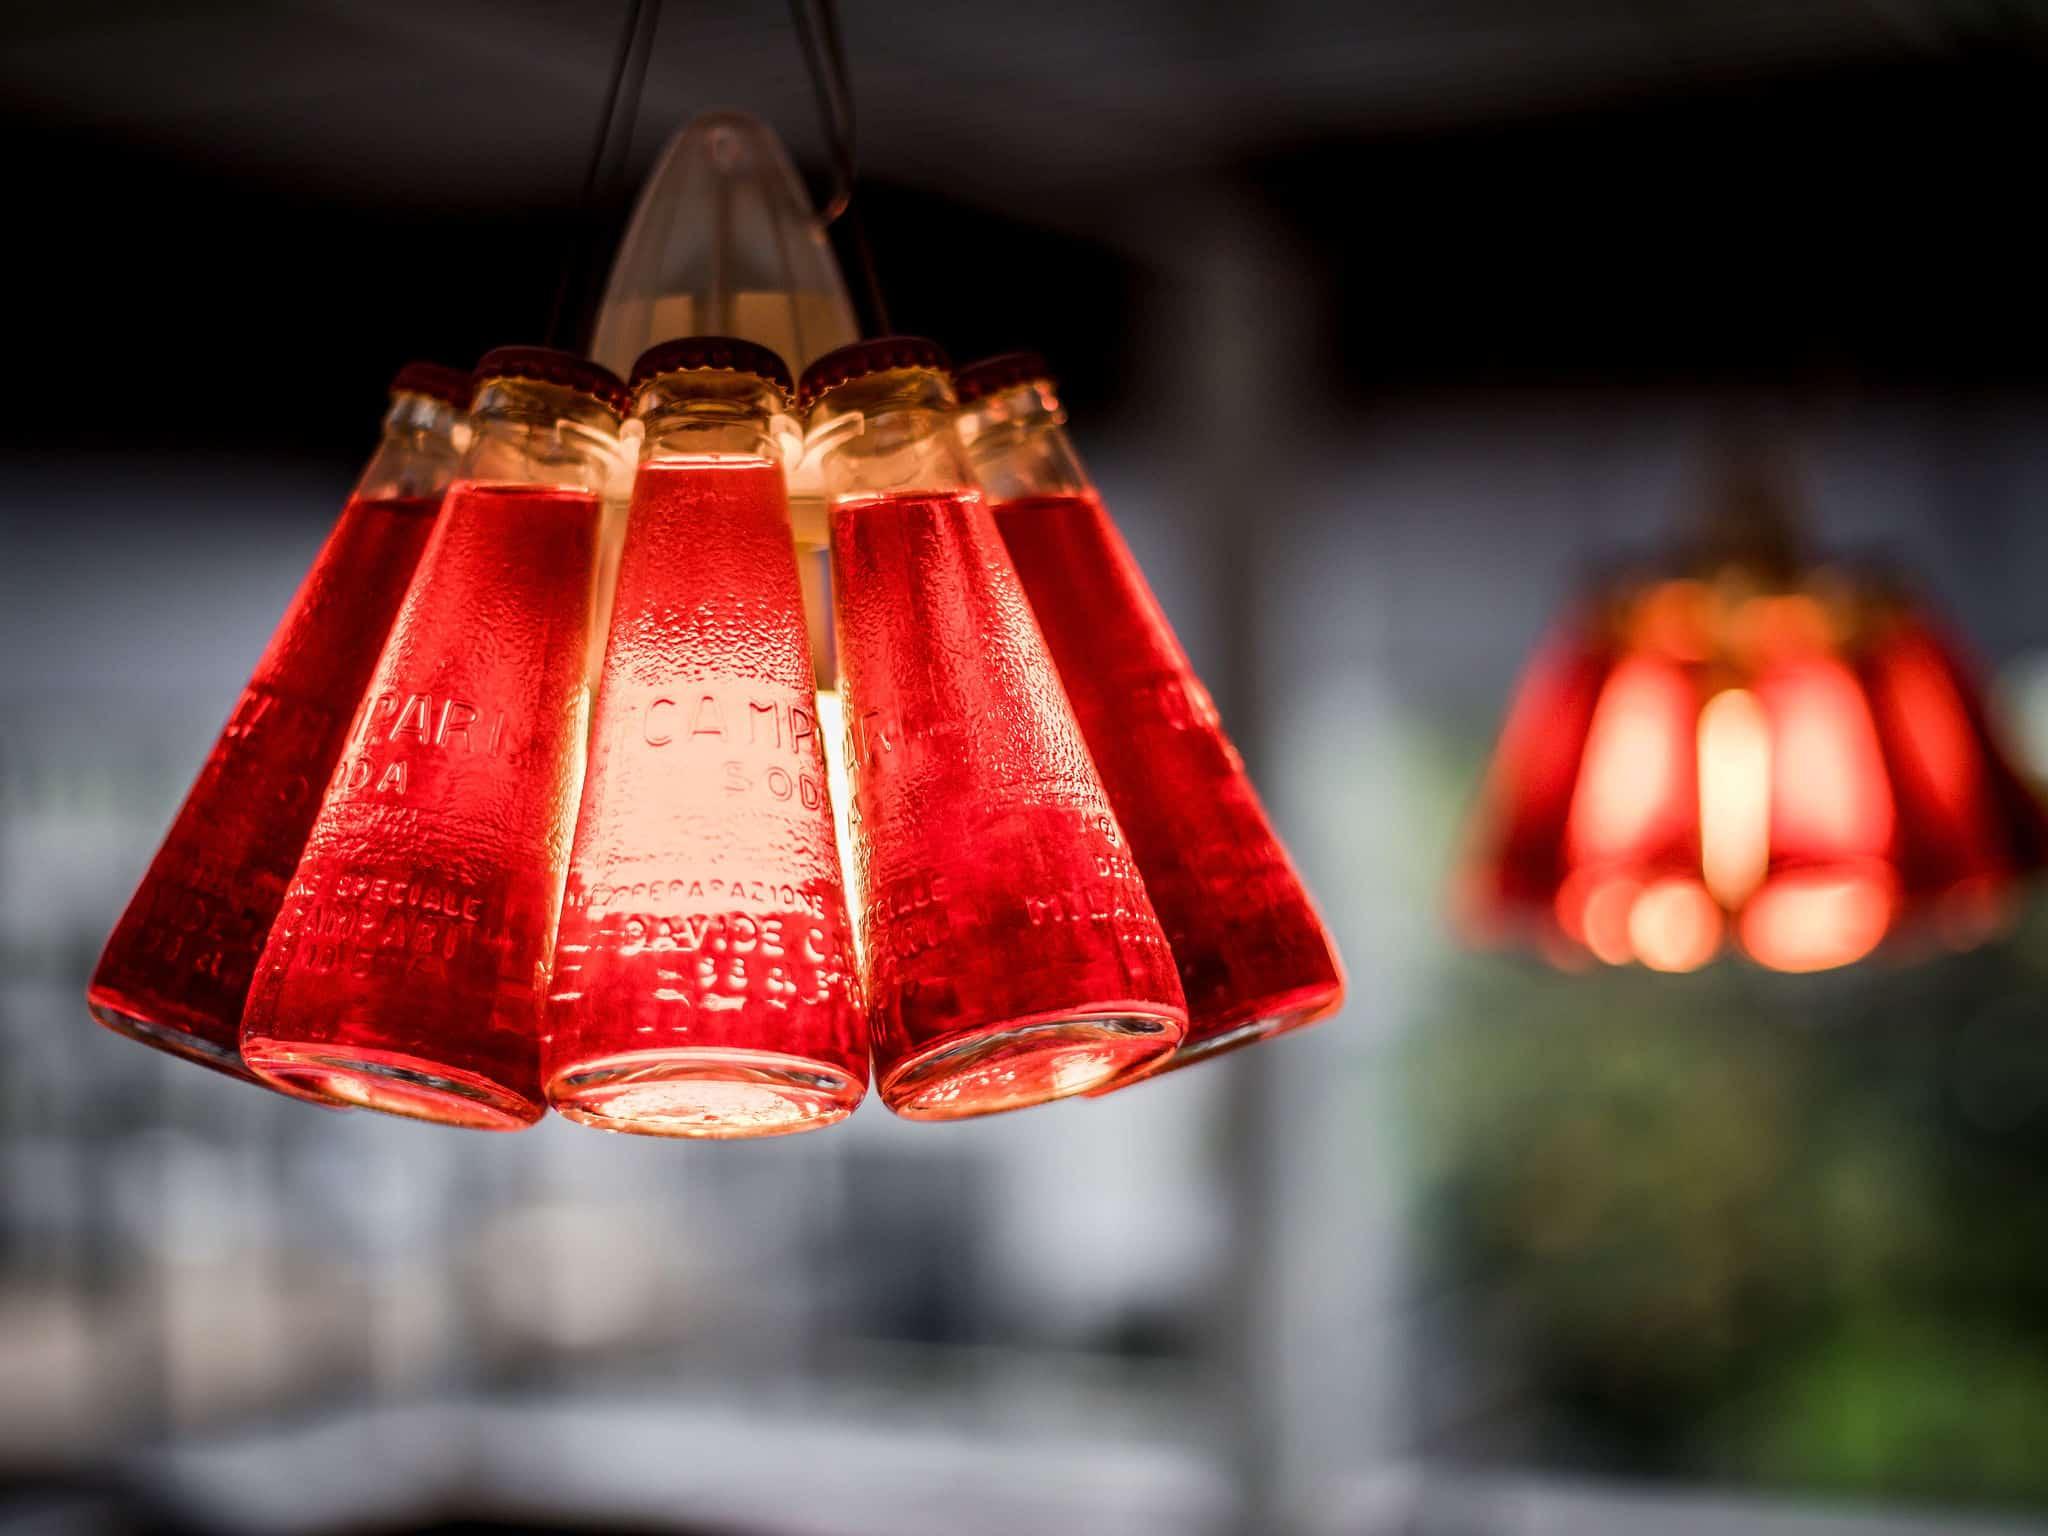 interieurarchitect Wildenberg ontwerp bedrijfskeuken Newpublic flessenlamp